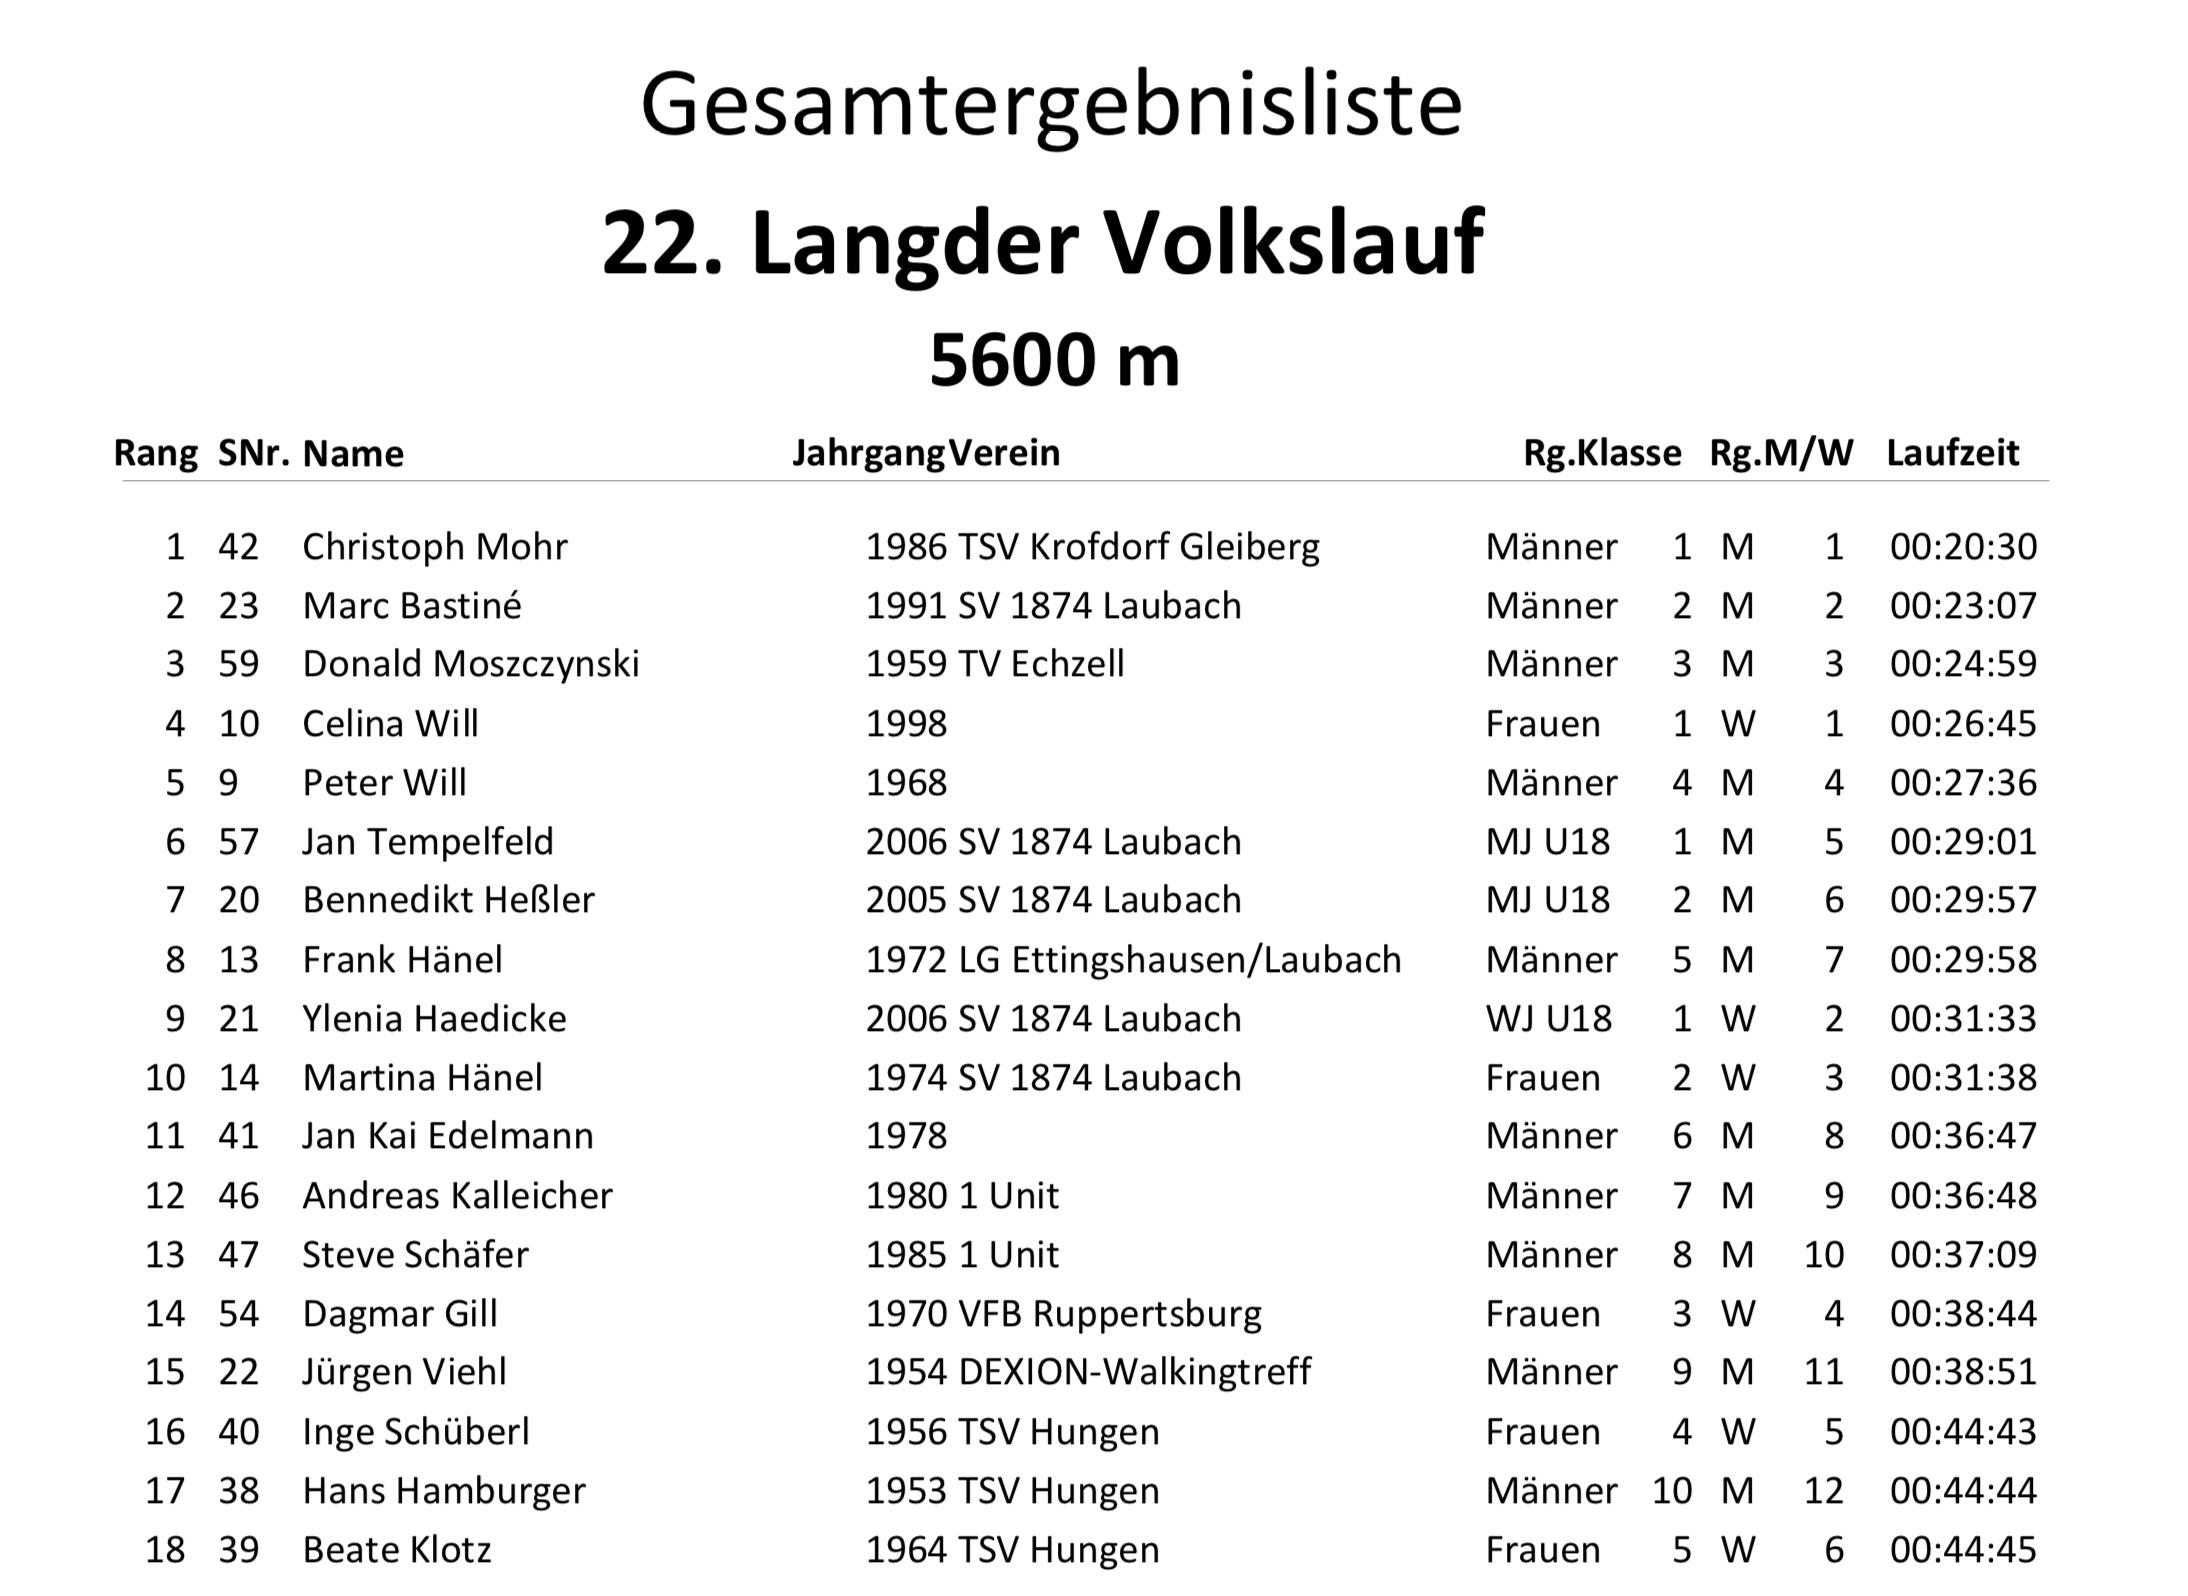 Gesamtergebnisliste 22. Langder Volkslauf 2019 Engel-Landschaftslauf-Cup 5600 m